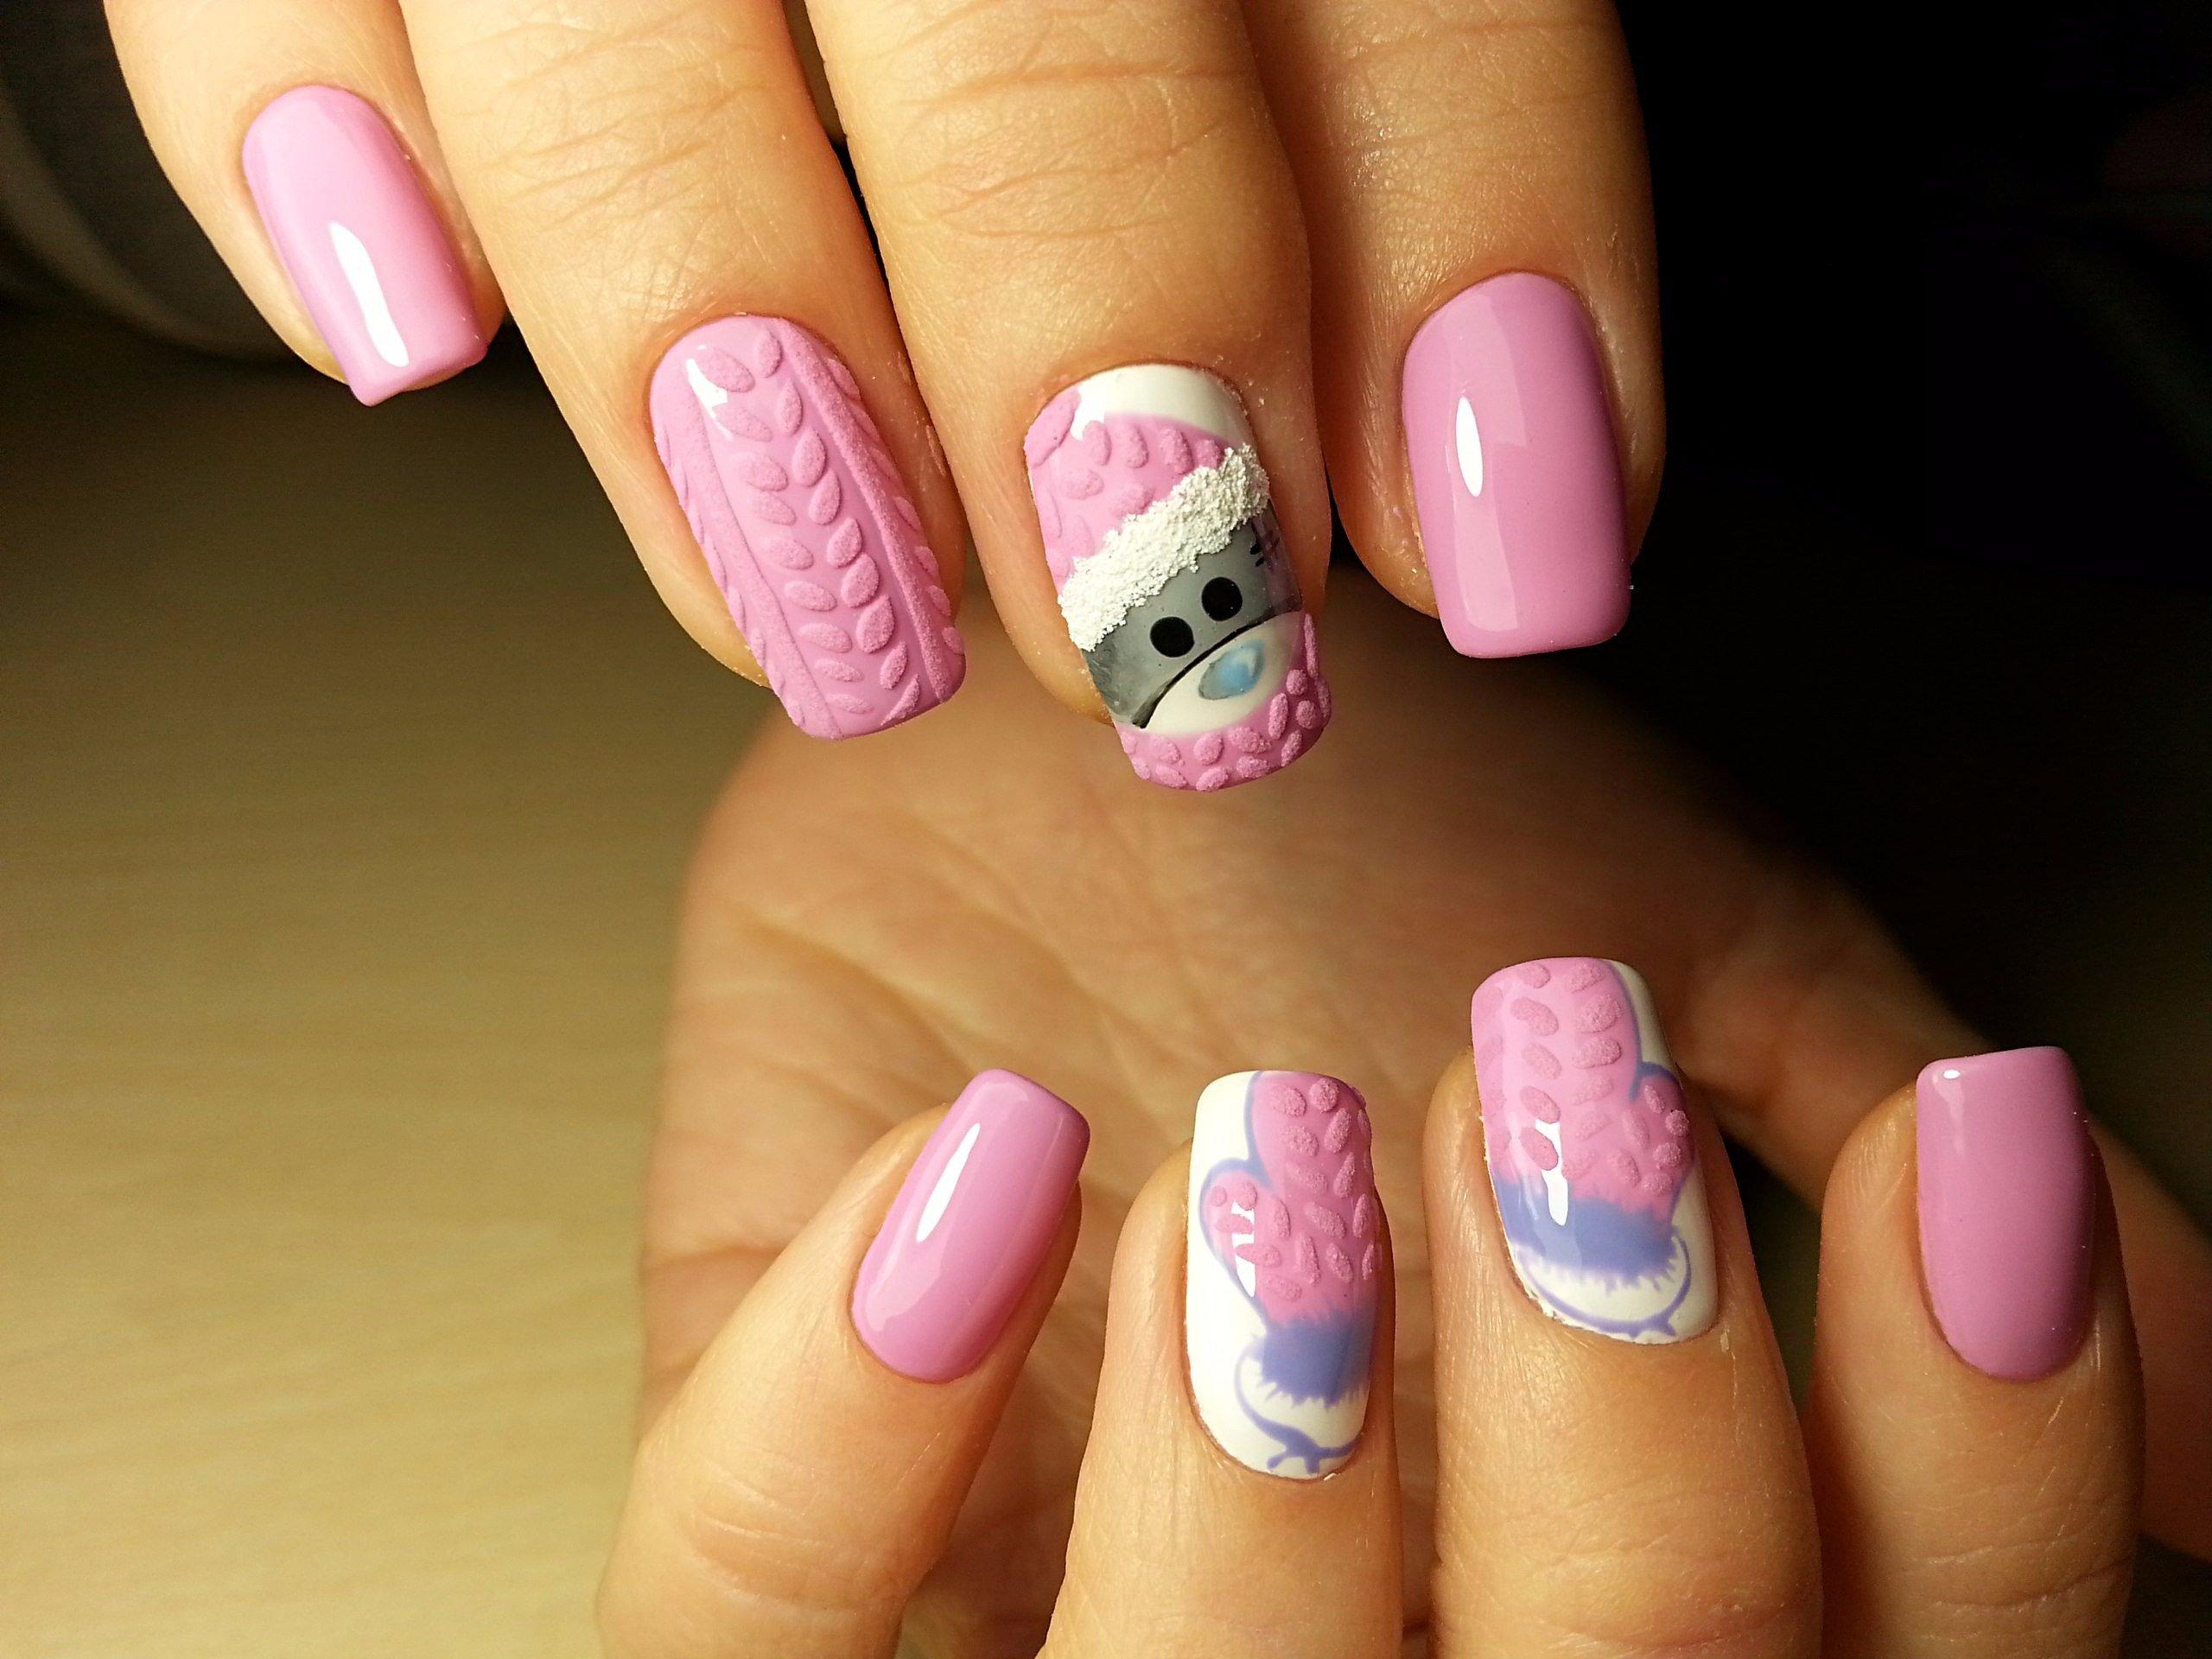 vyazanyj-manikyur-foto_15 Самый красивый дизайн ногтей: 100 ЛУЧШИХ идей и трендов на фото